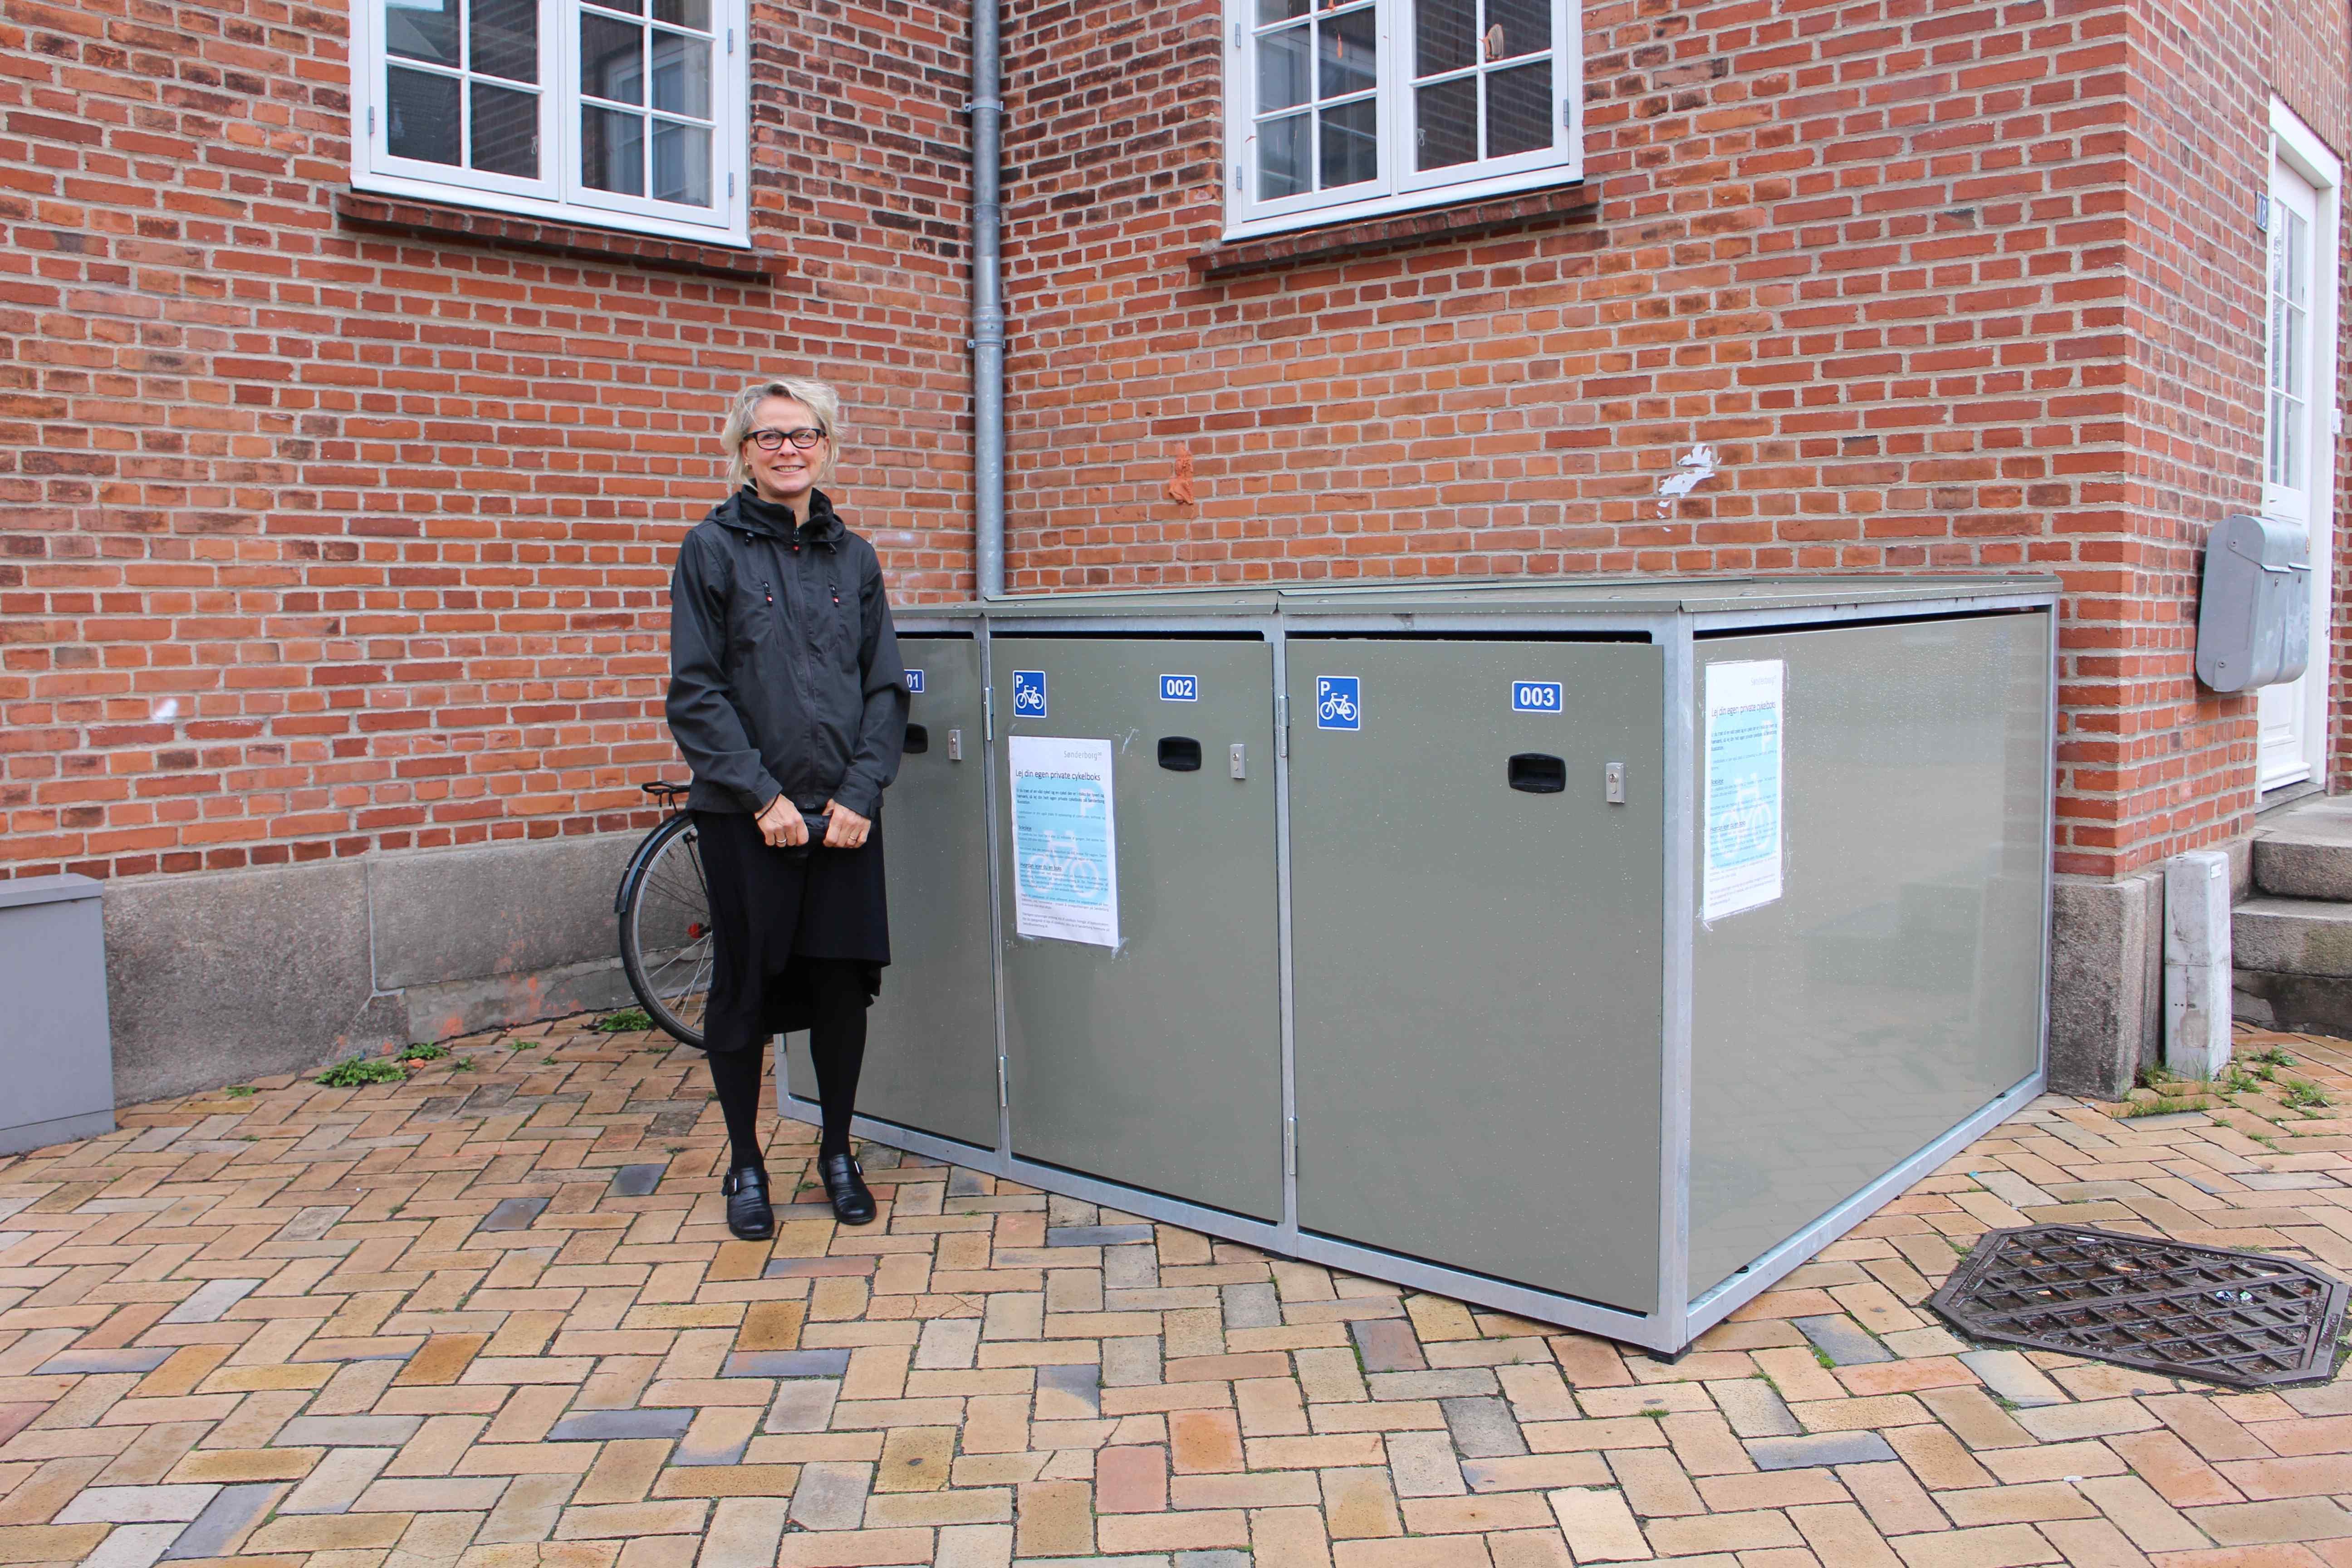 Lej en billig cykelboks på Sønderborg busstation